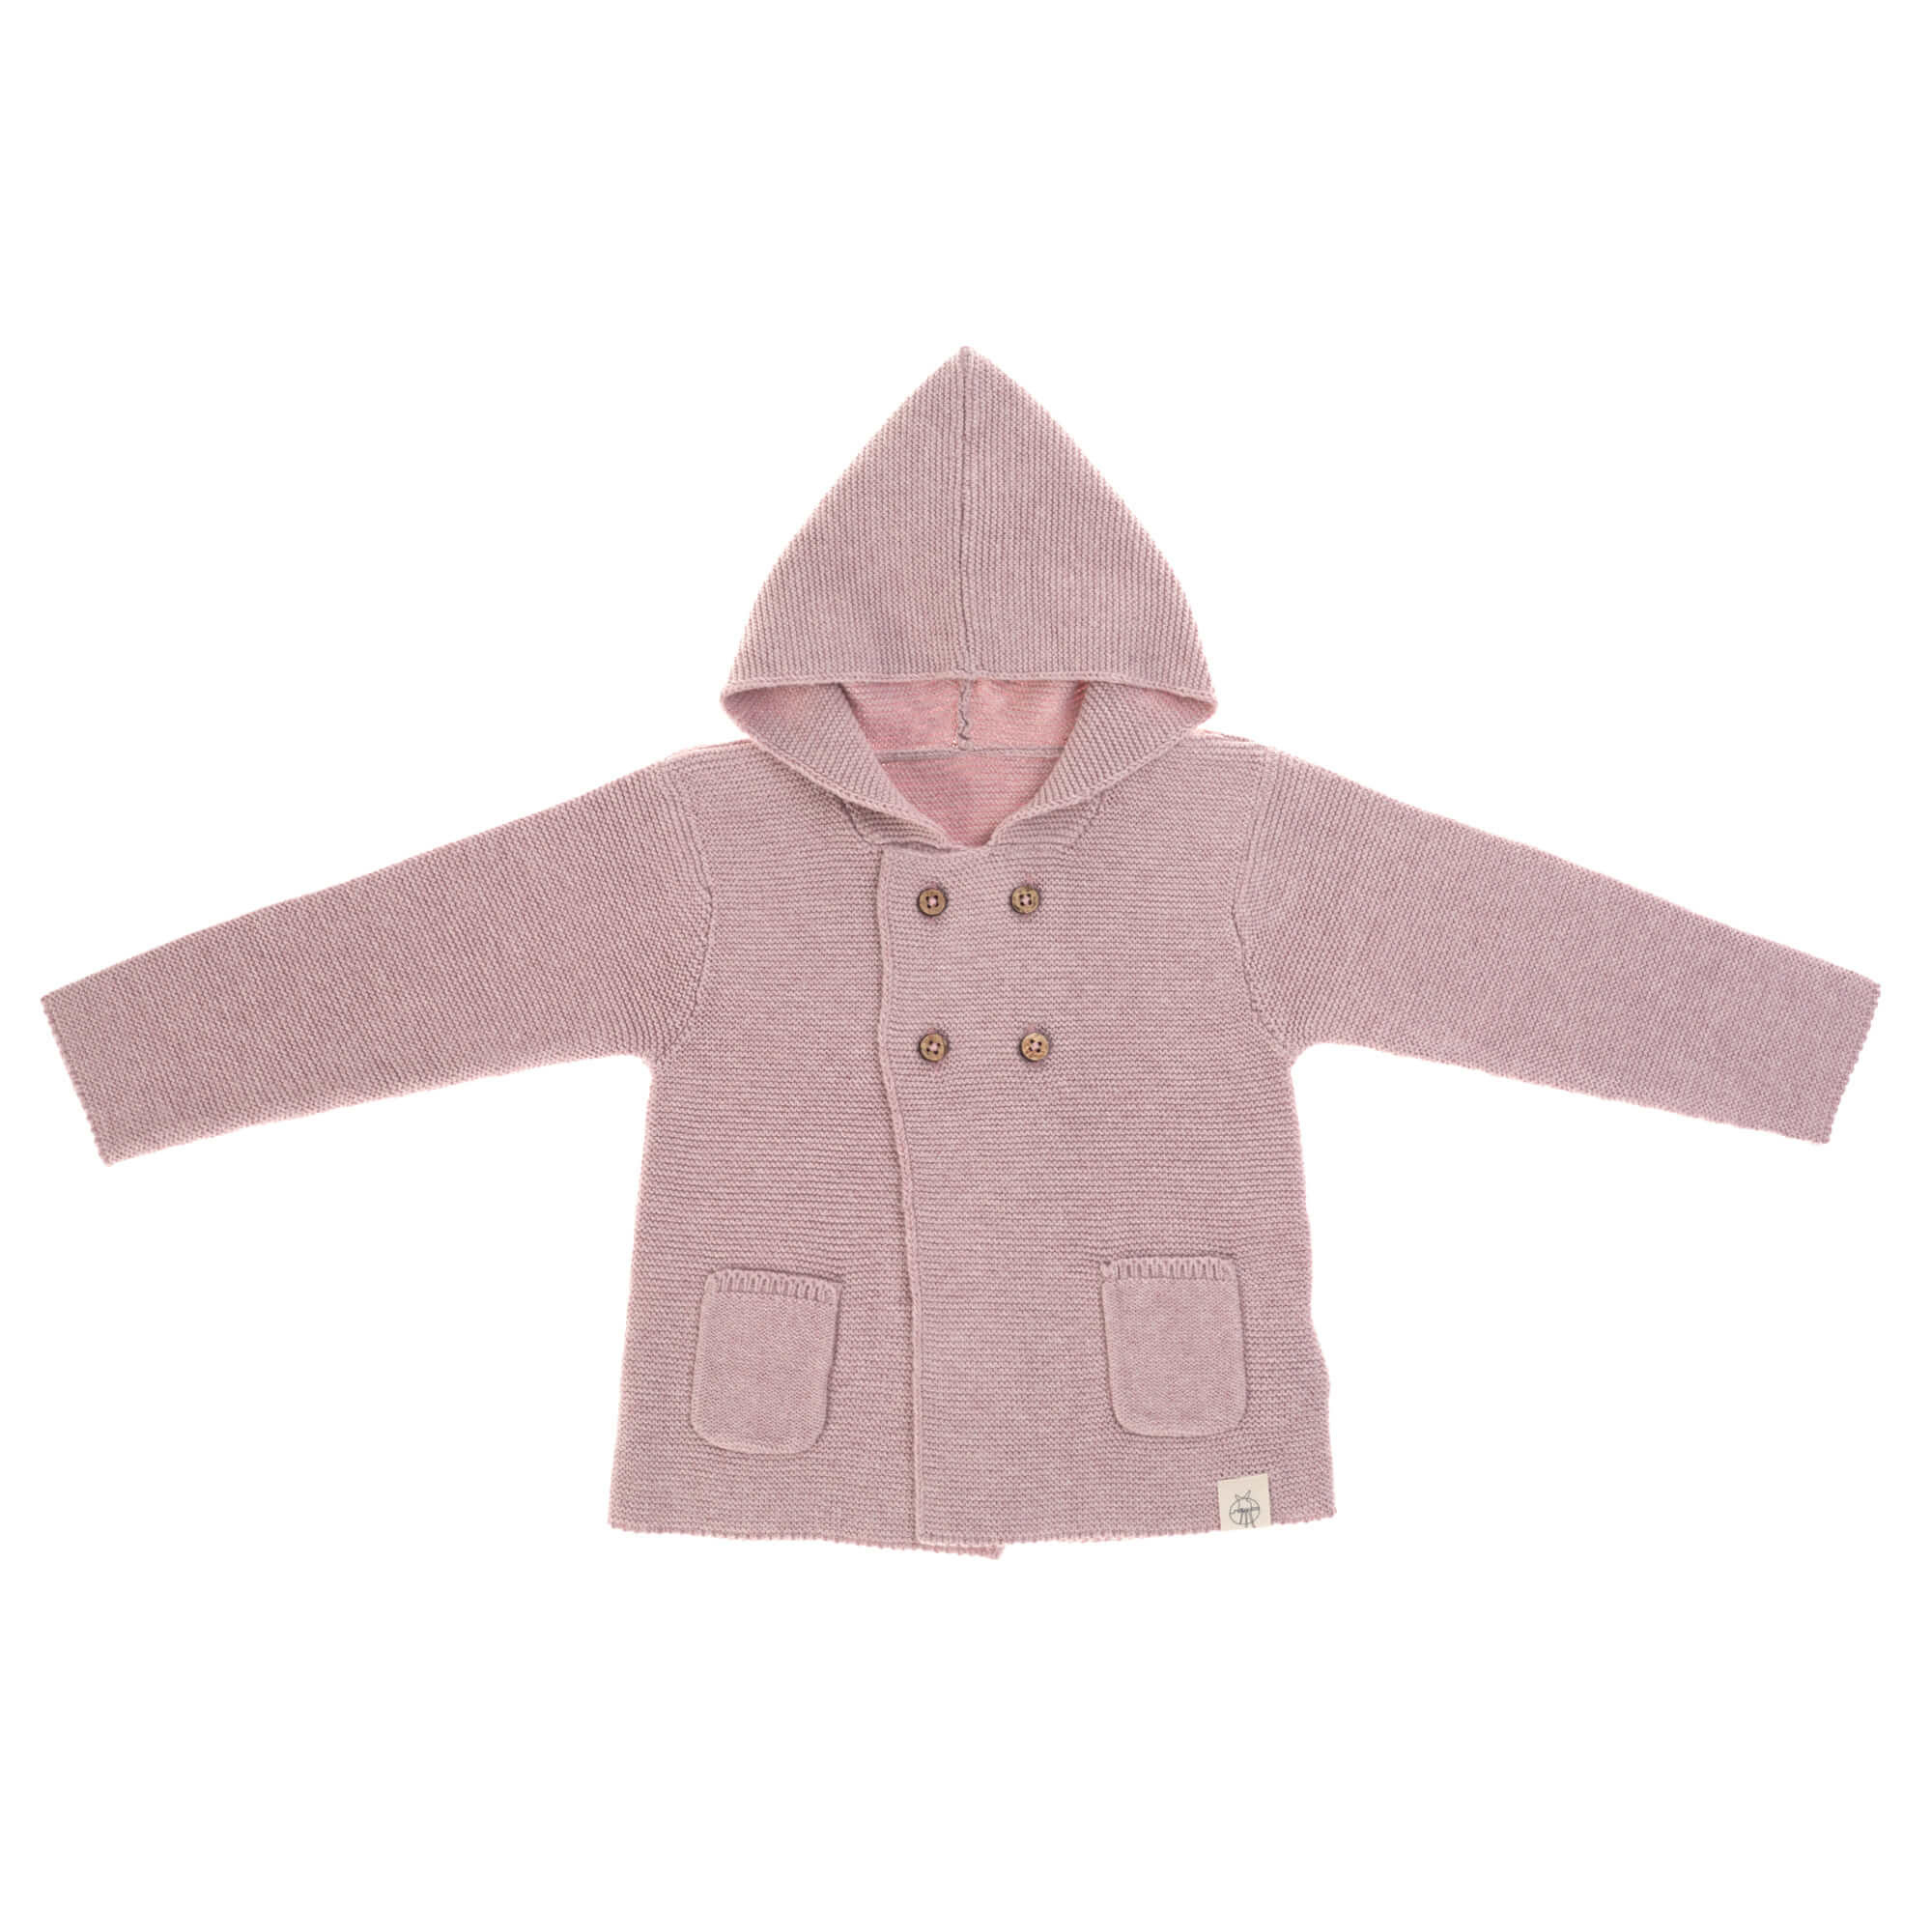 Lässig baby gebeide Hoodie GOTS Garden Explorer light pink 62-68 2-6 mnd